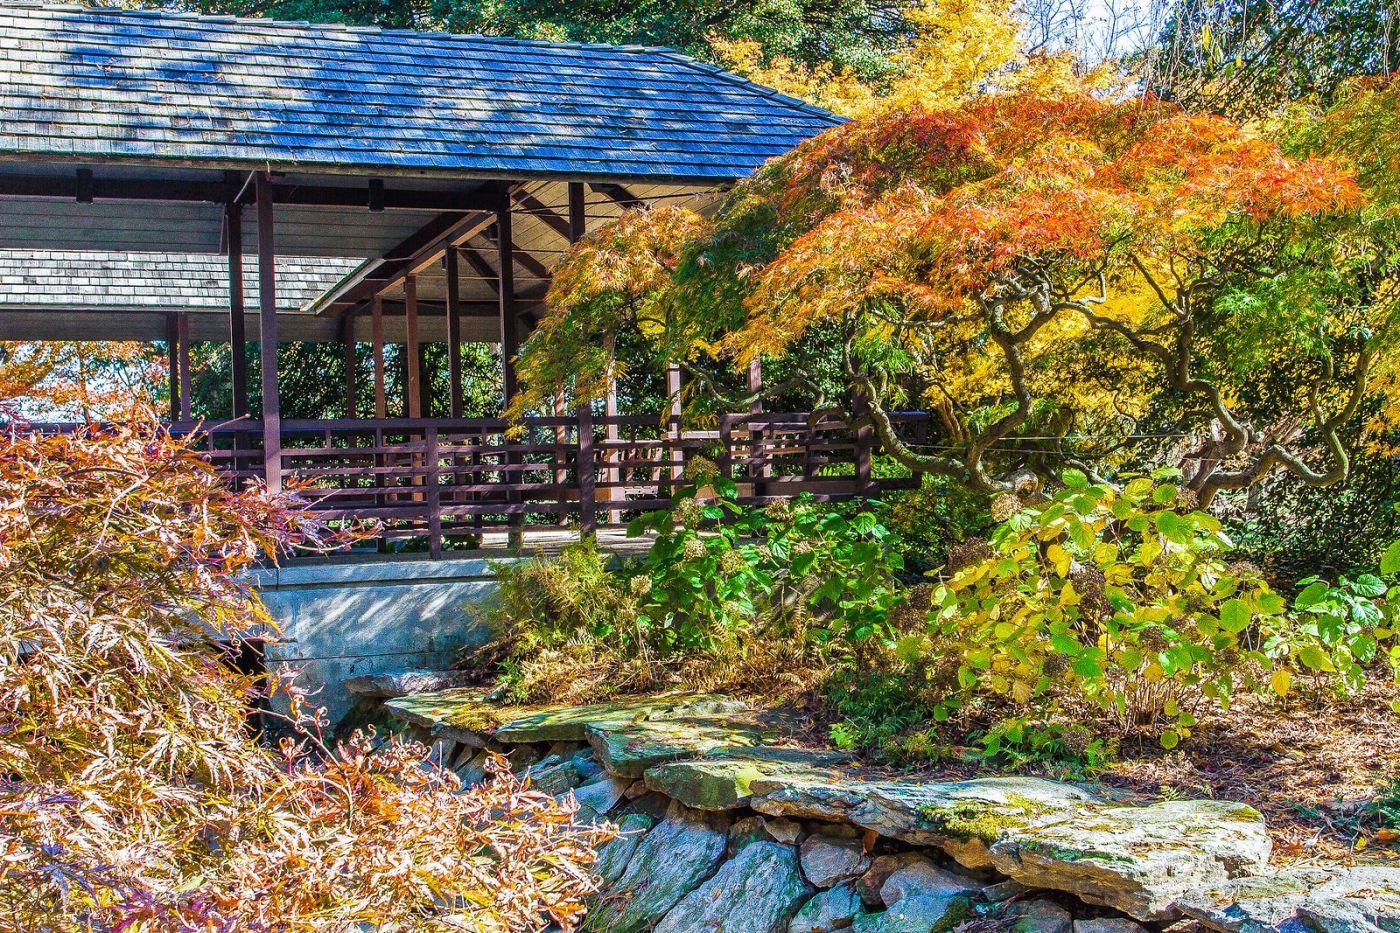 宾州长木公园,熟悉的景色_图1-32